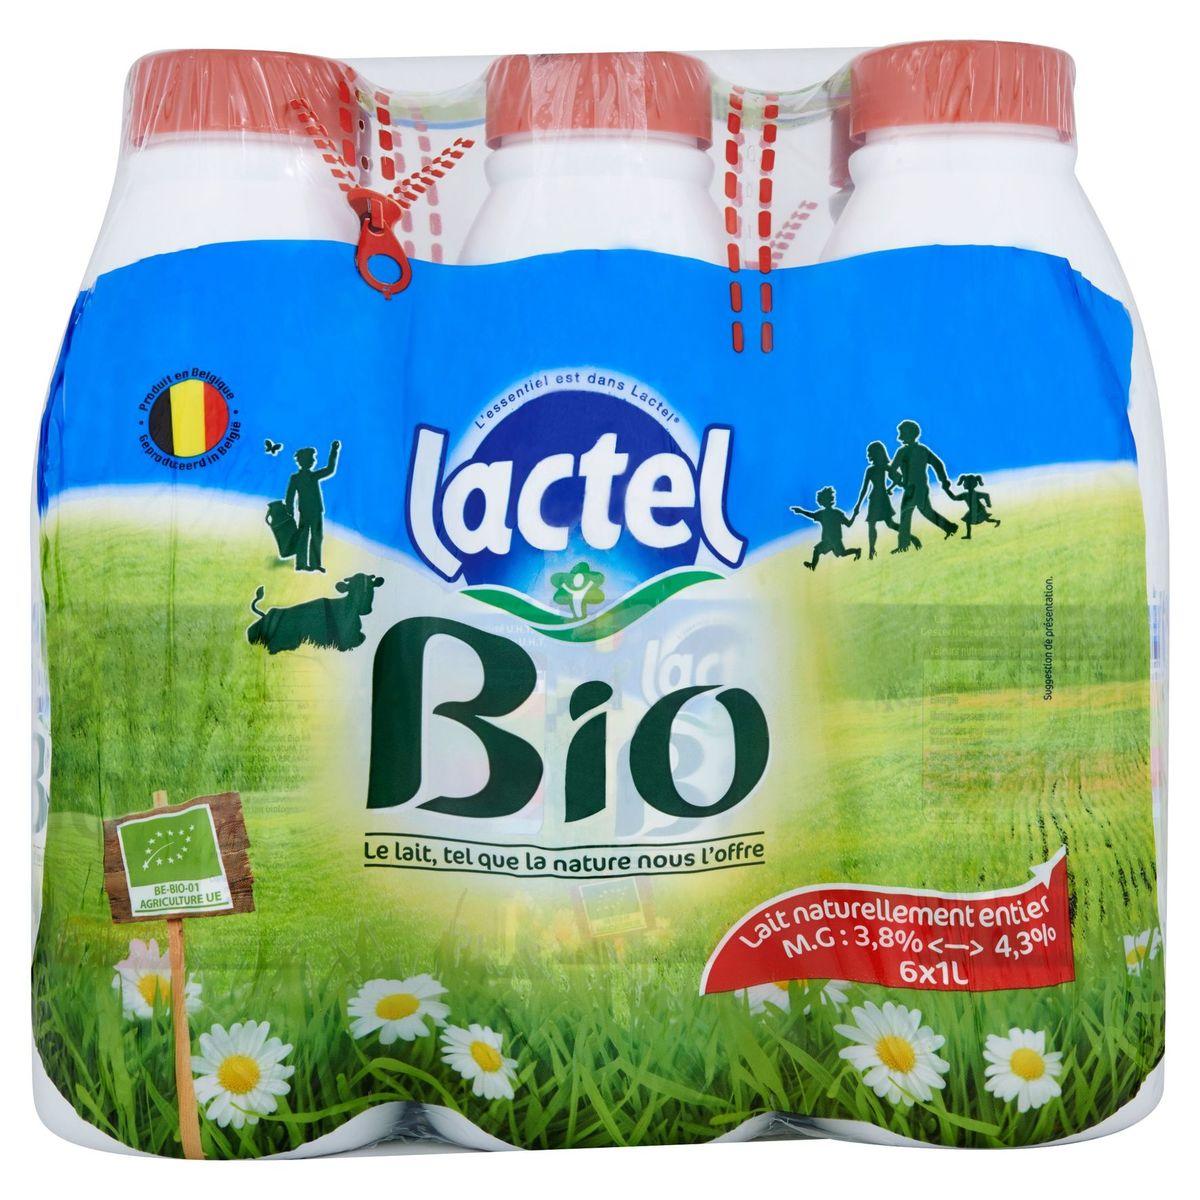 Lactel Bio Lait Naturellement Entier 6 x 1 L